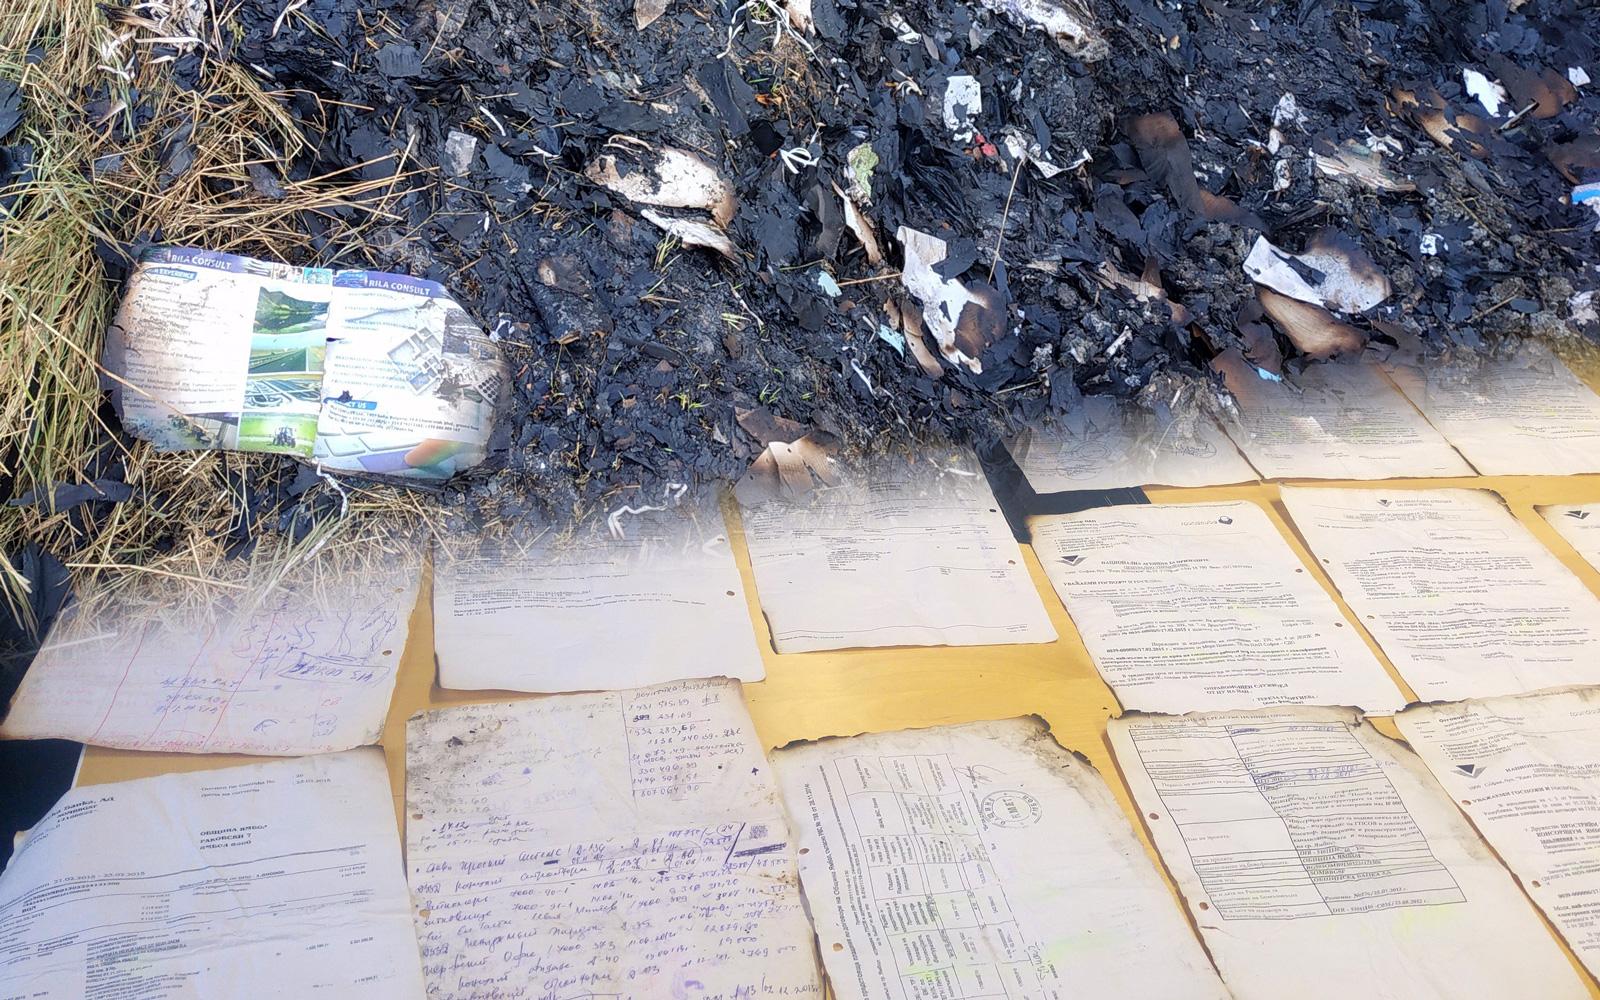 Locul unde au fost arse documentele si hartiile recuperate de RISE Project si Bivol.